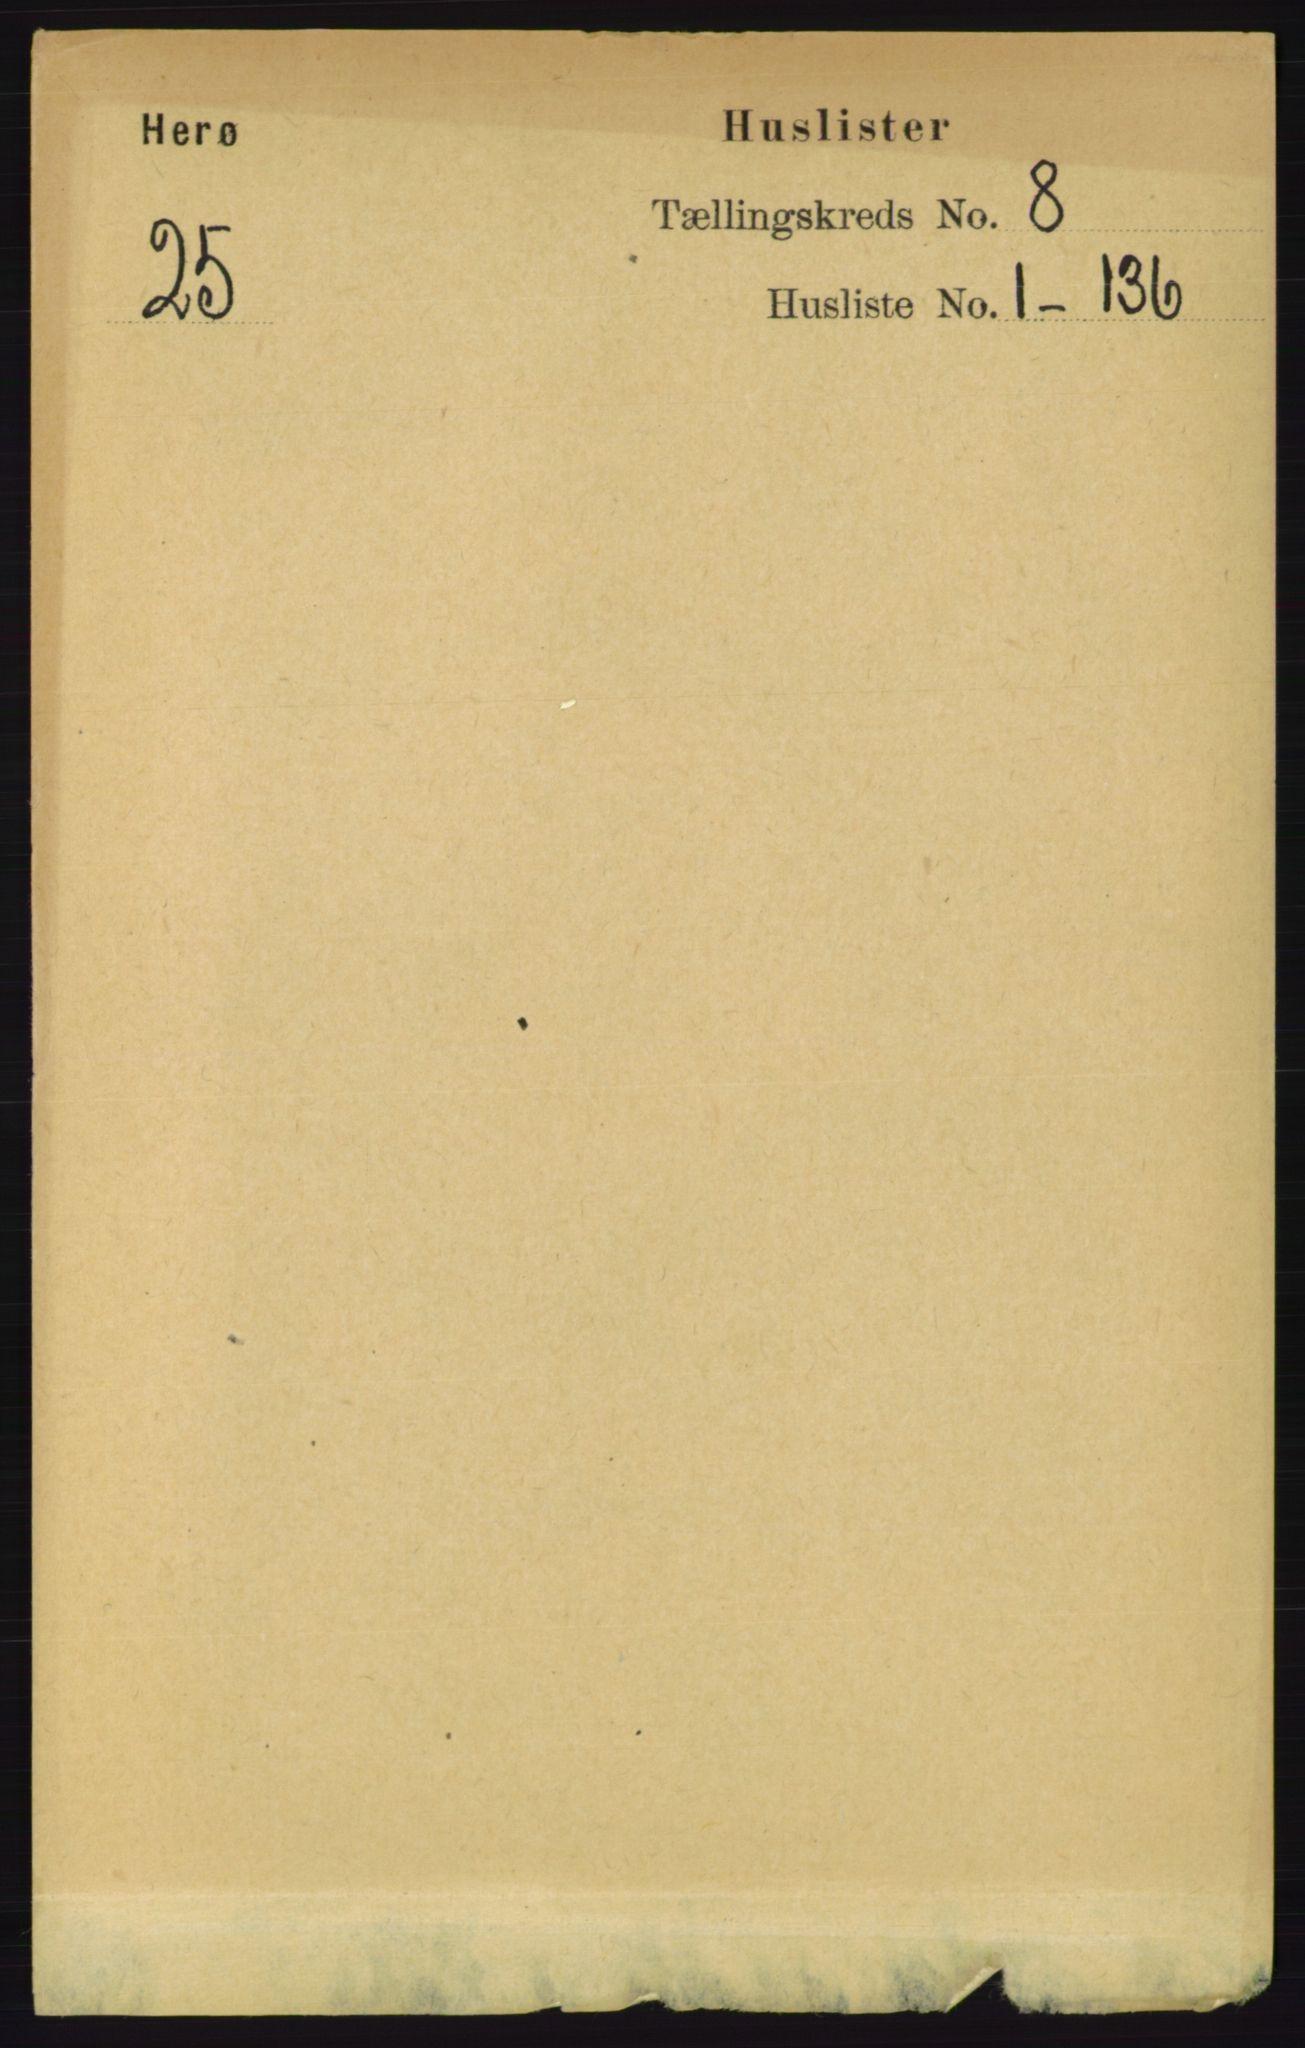 RA, Folketelling 1891 for 1818 Herøy herred, 1891, s. 2453